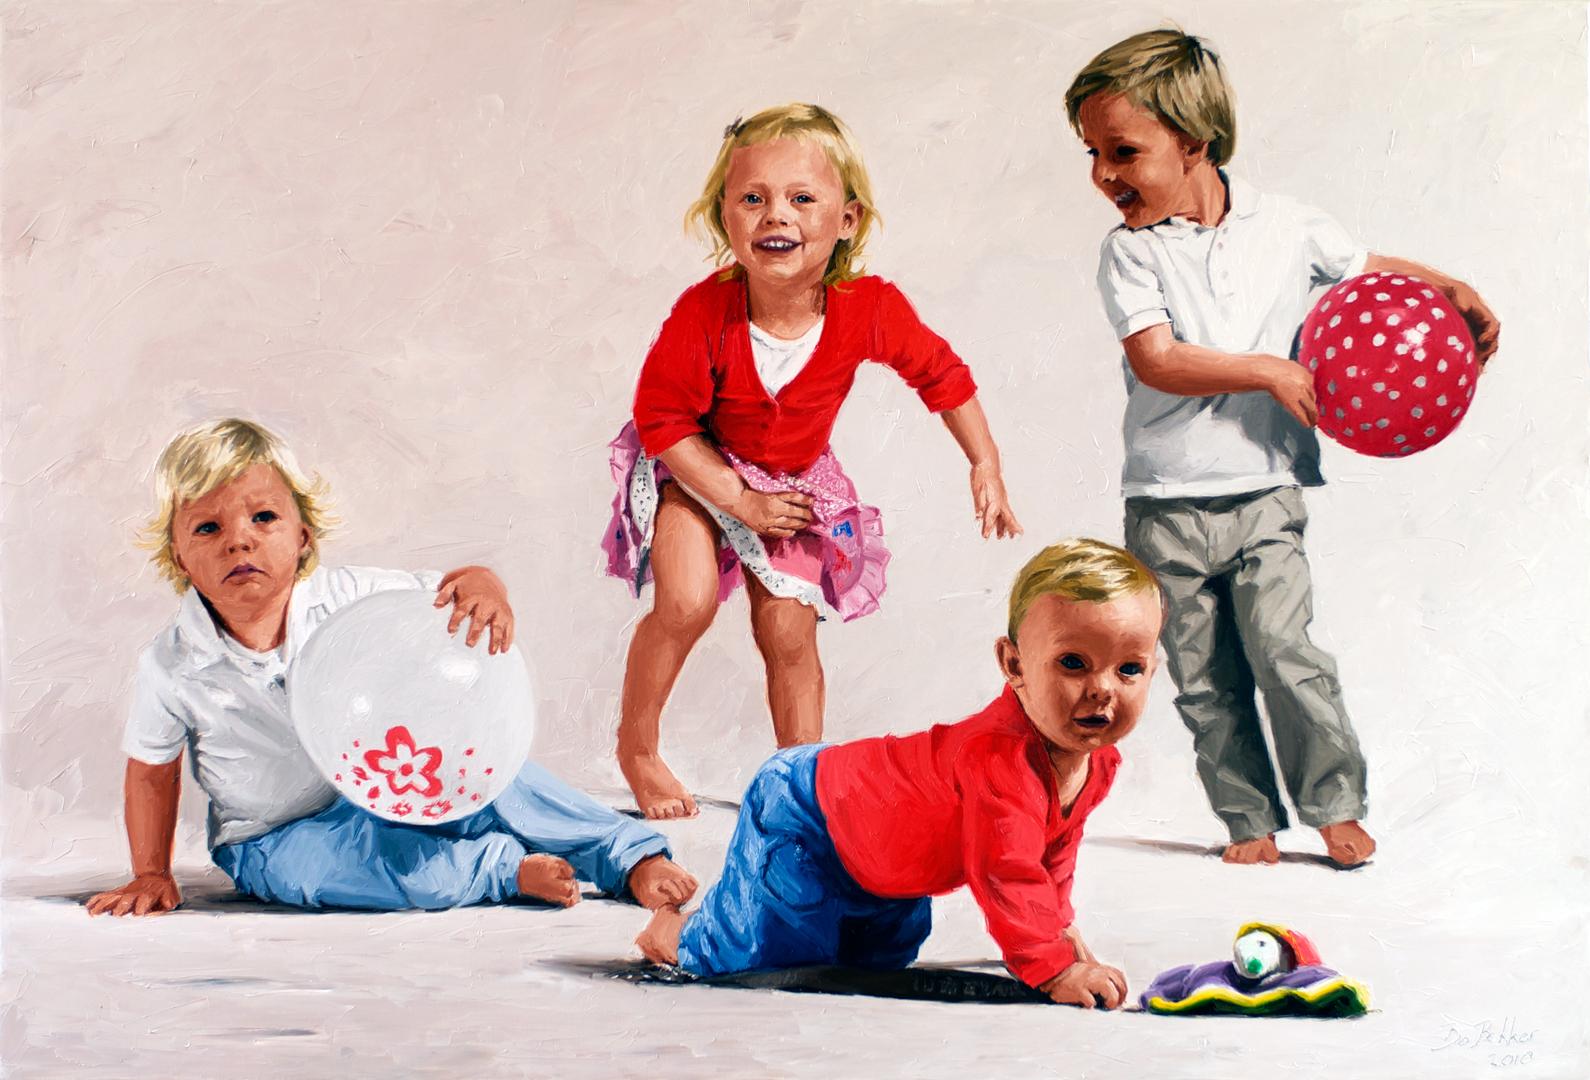 Portretschilderij portretschilderijen van portretschilder bo bakker - Schilderen kind jongen ...